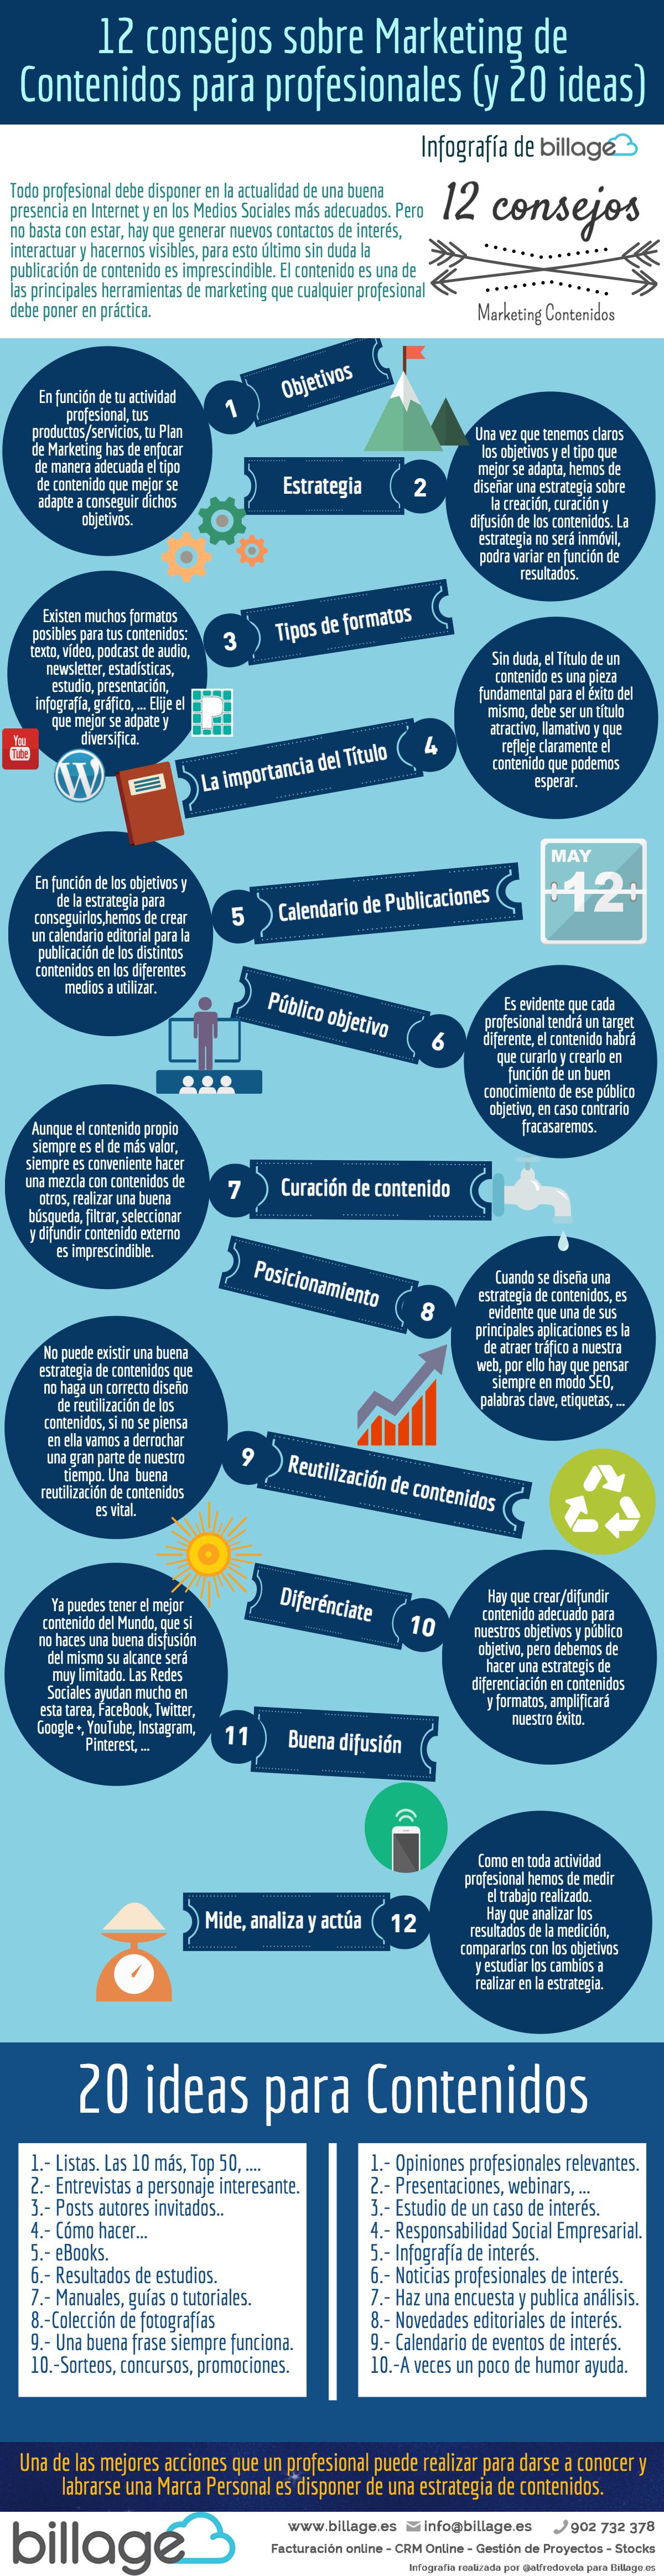 12 consejos sobre Marketing de Contenidos para profesionales (y 20 ideas)